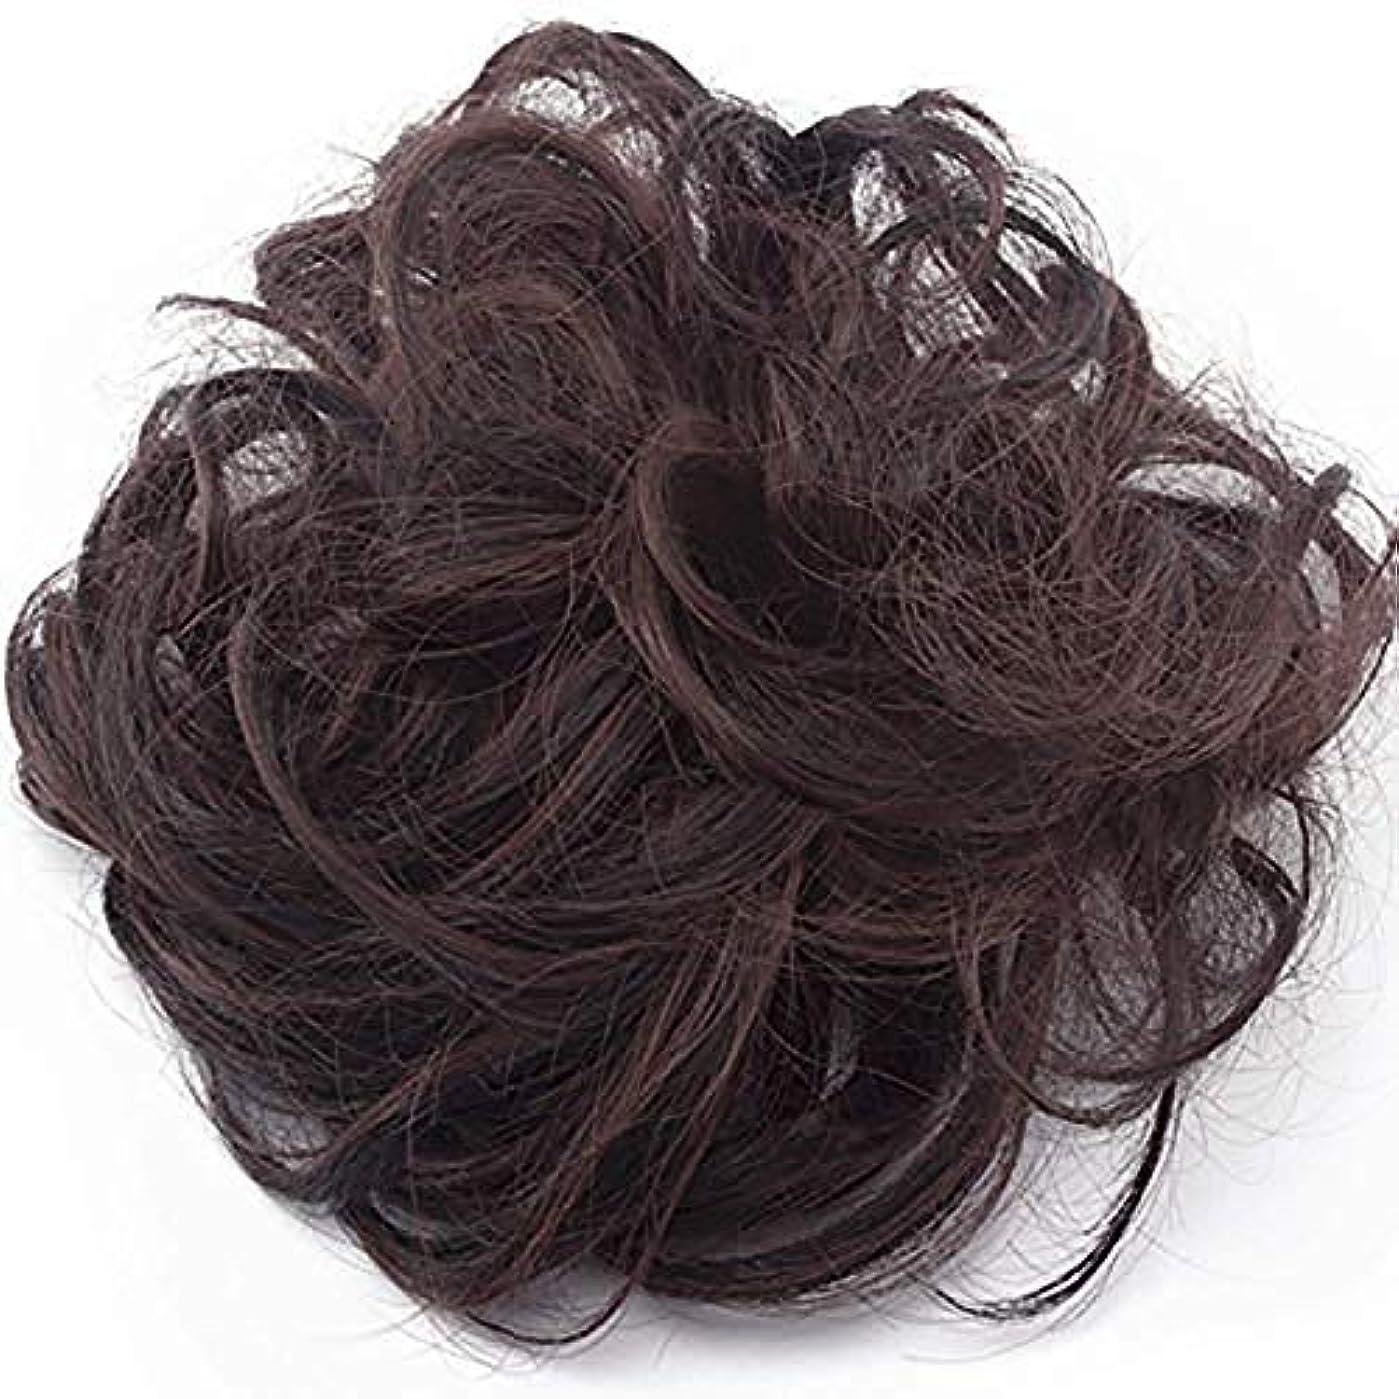 さびた配送新鮮な汚れた女の子の毛波状毛エクステンションヘアバンド饅頭饅頭は(自然な黒と白のミックス、オーバーン)かつらテープ拡張をポニーテール